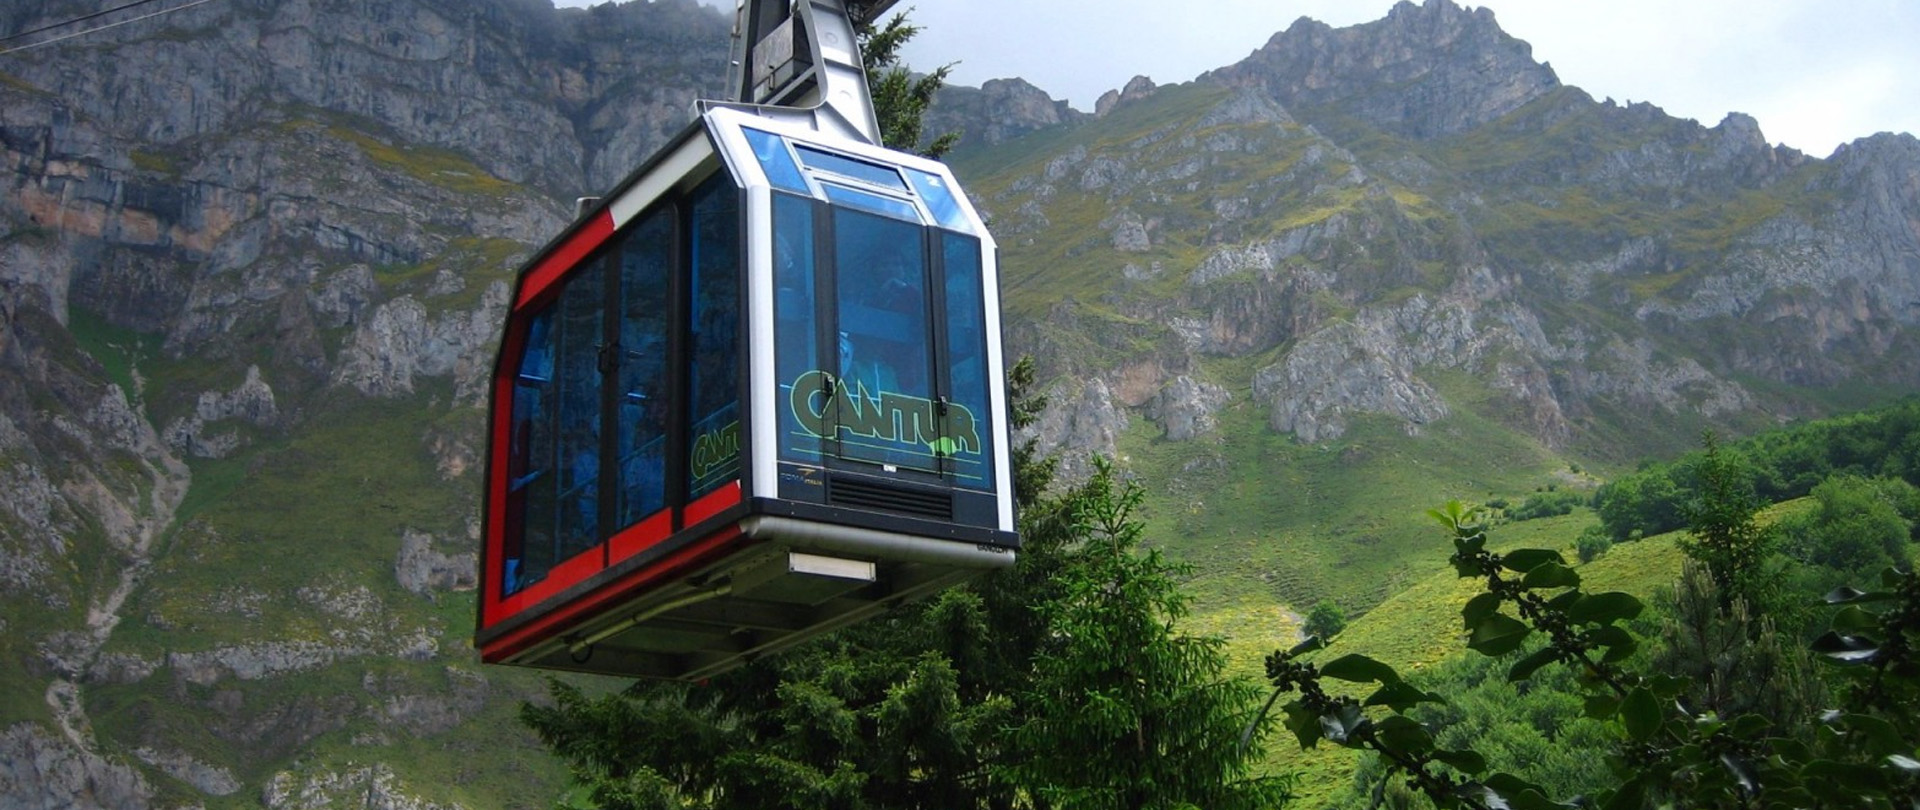 Cantabria Abierto Vacaciones promo otono fuente de